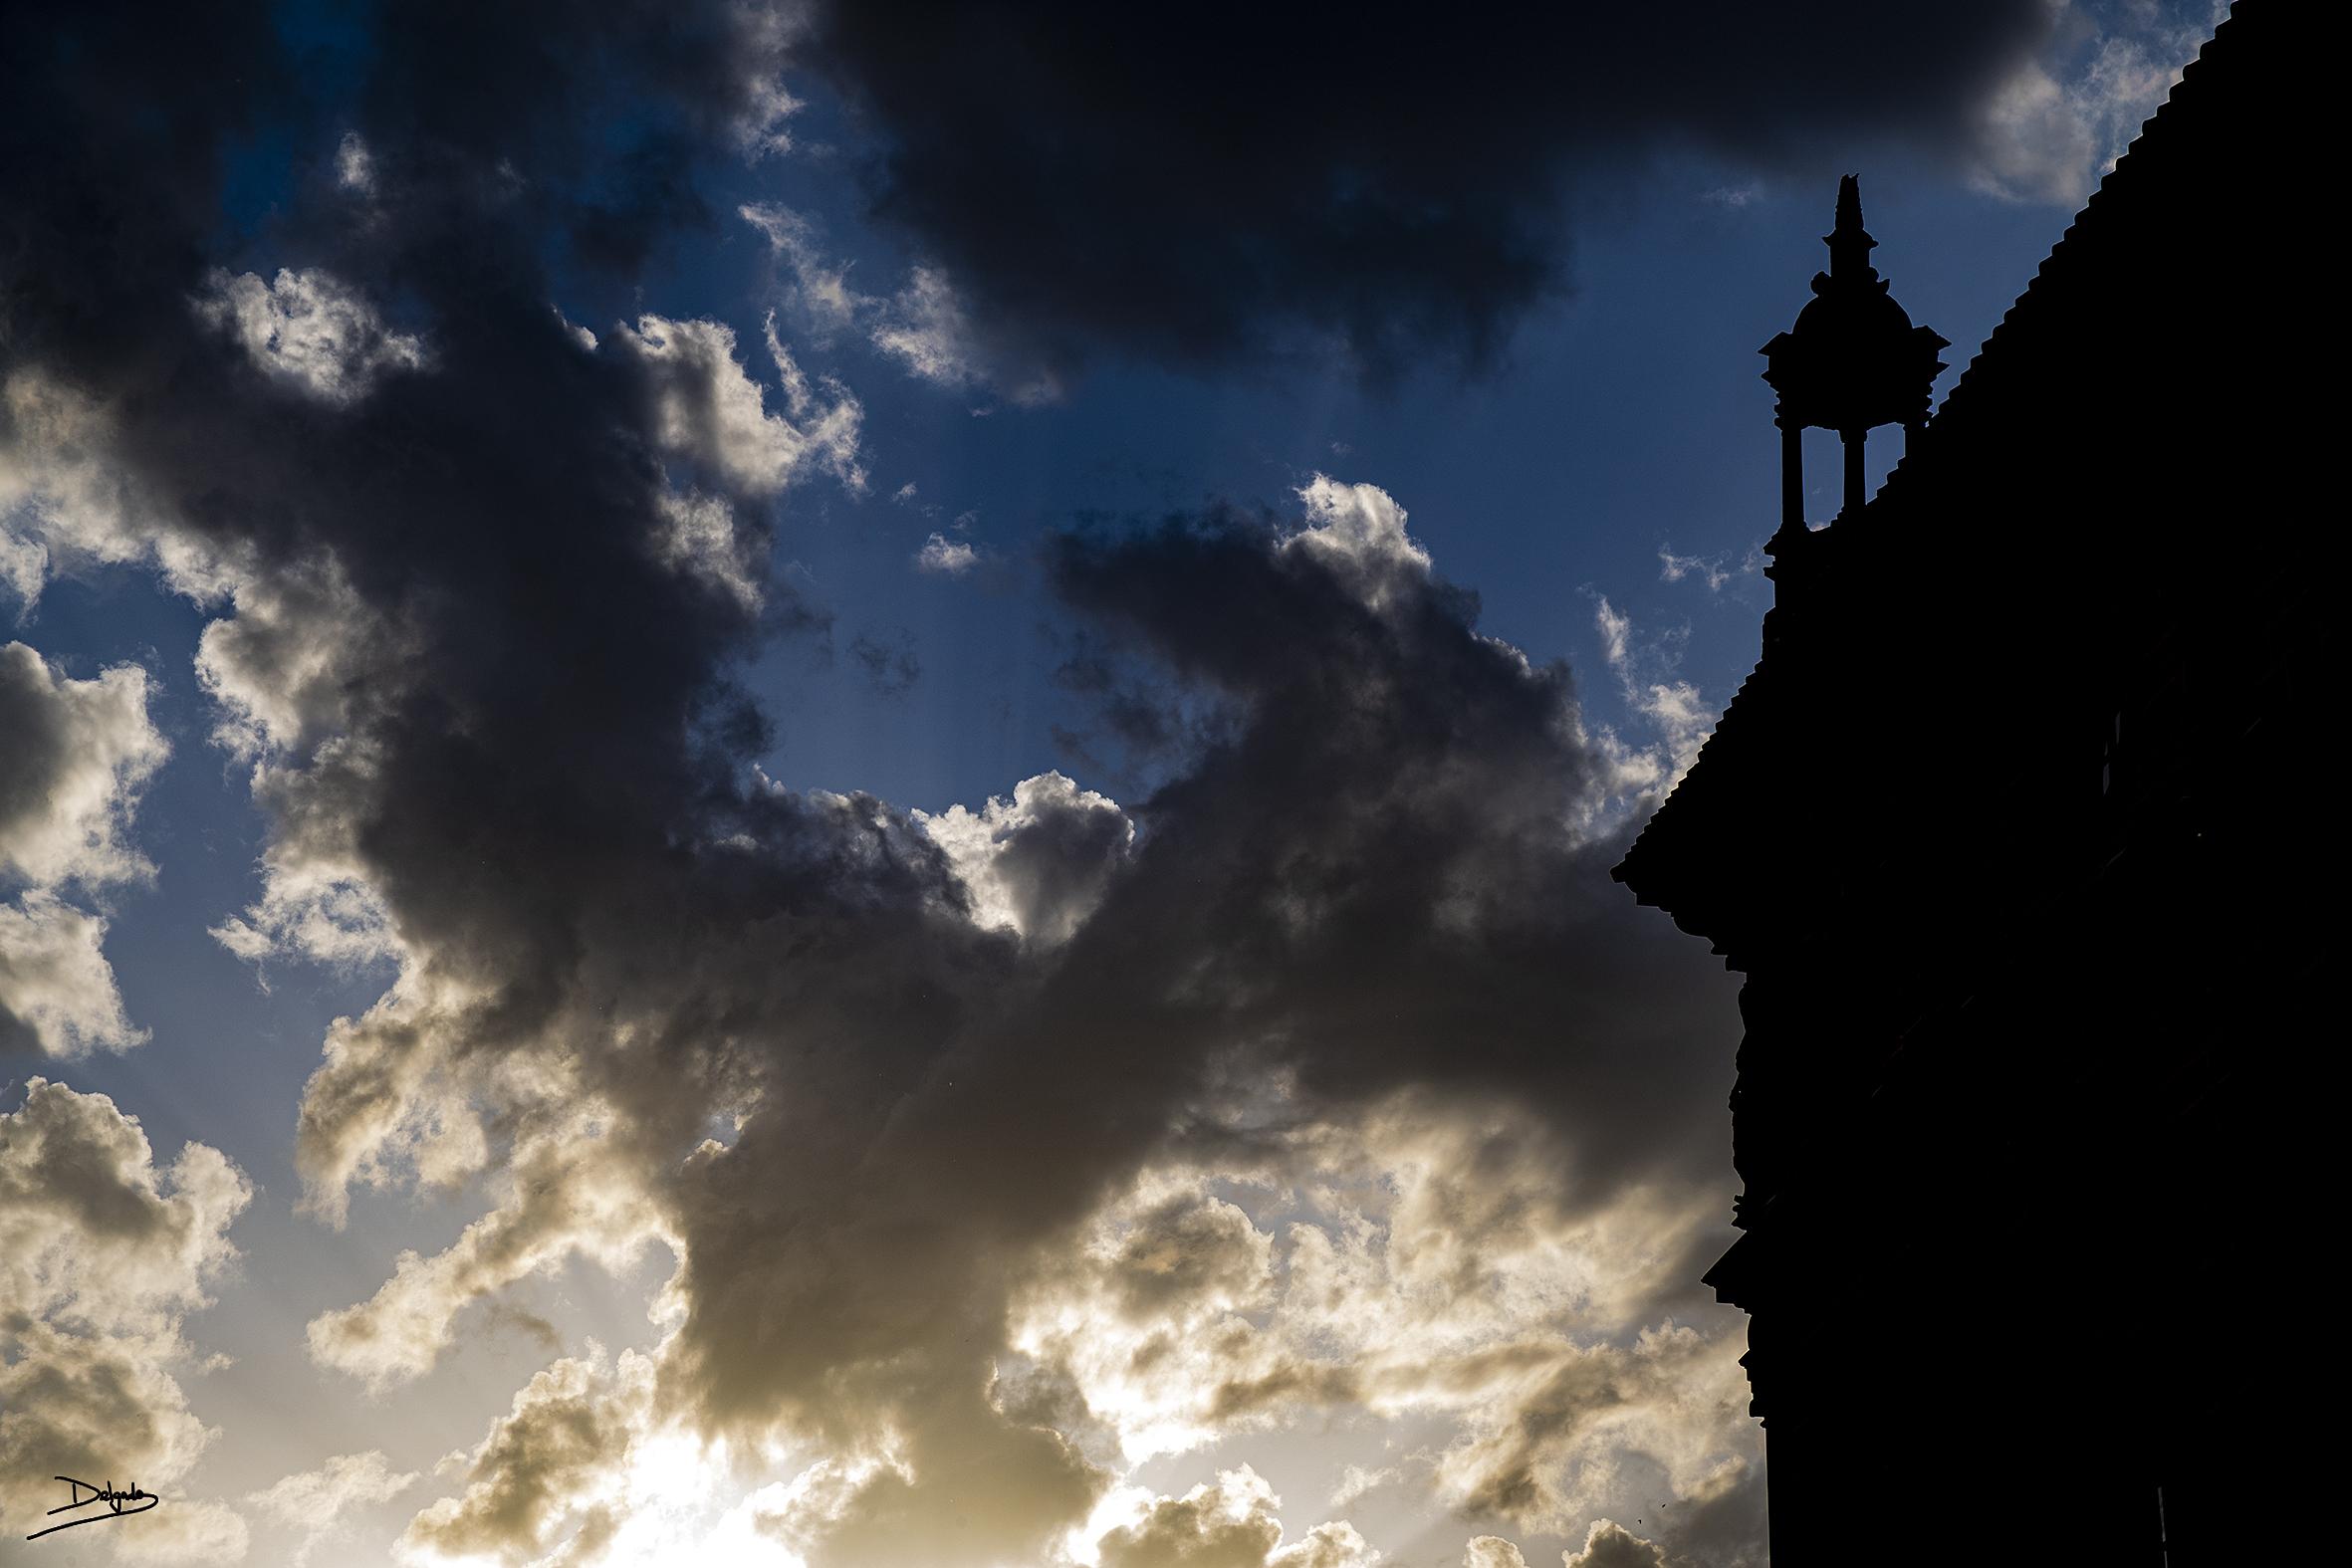 Foto del día: Nuestras luces y nuestras sombras